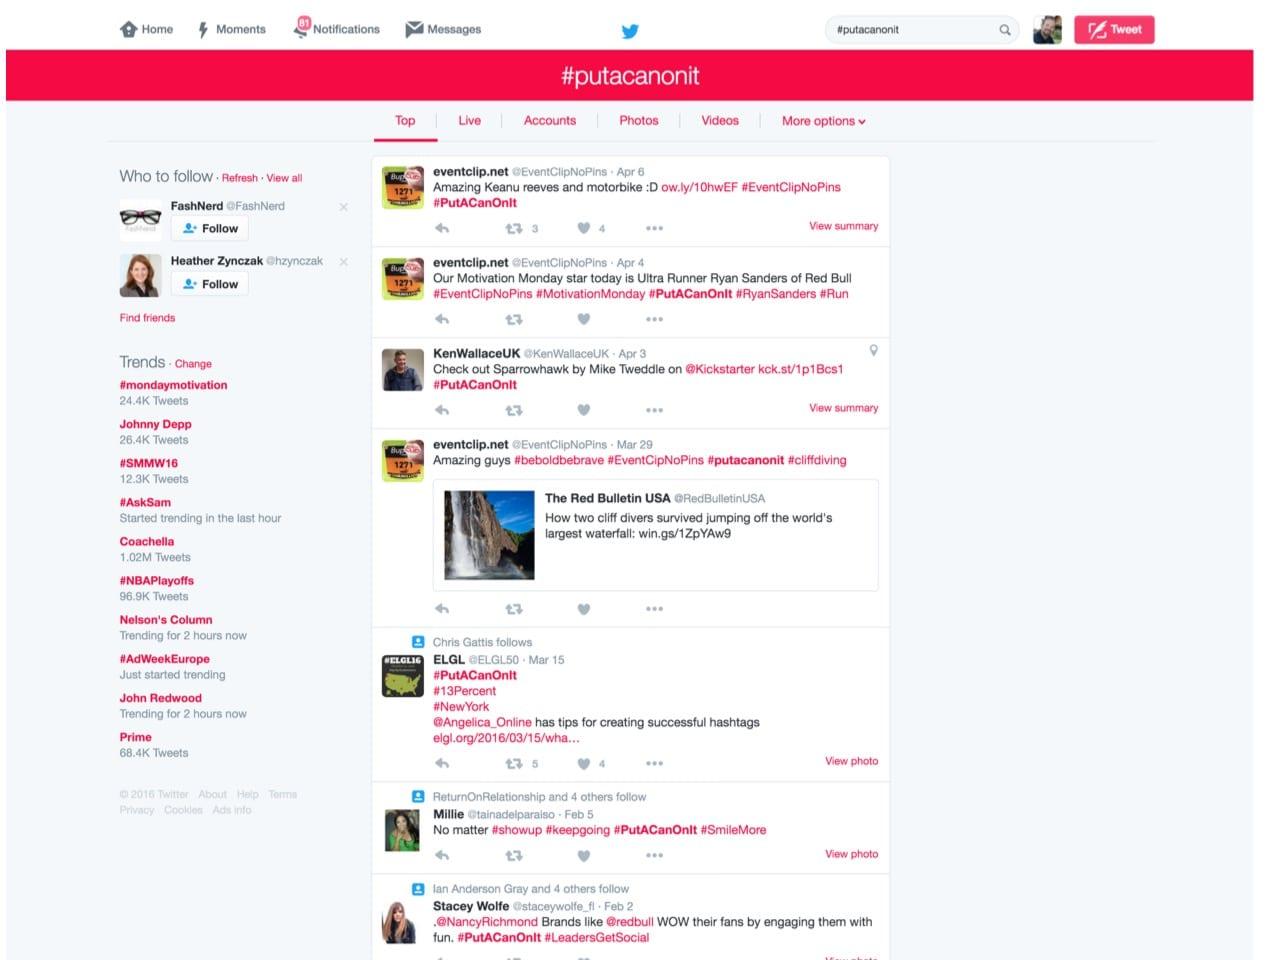 RedBull hashtag Twitter social media